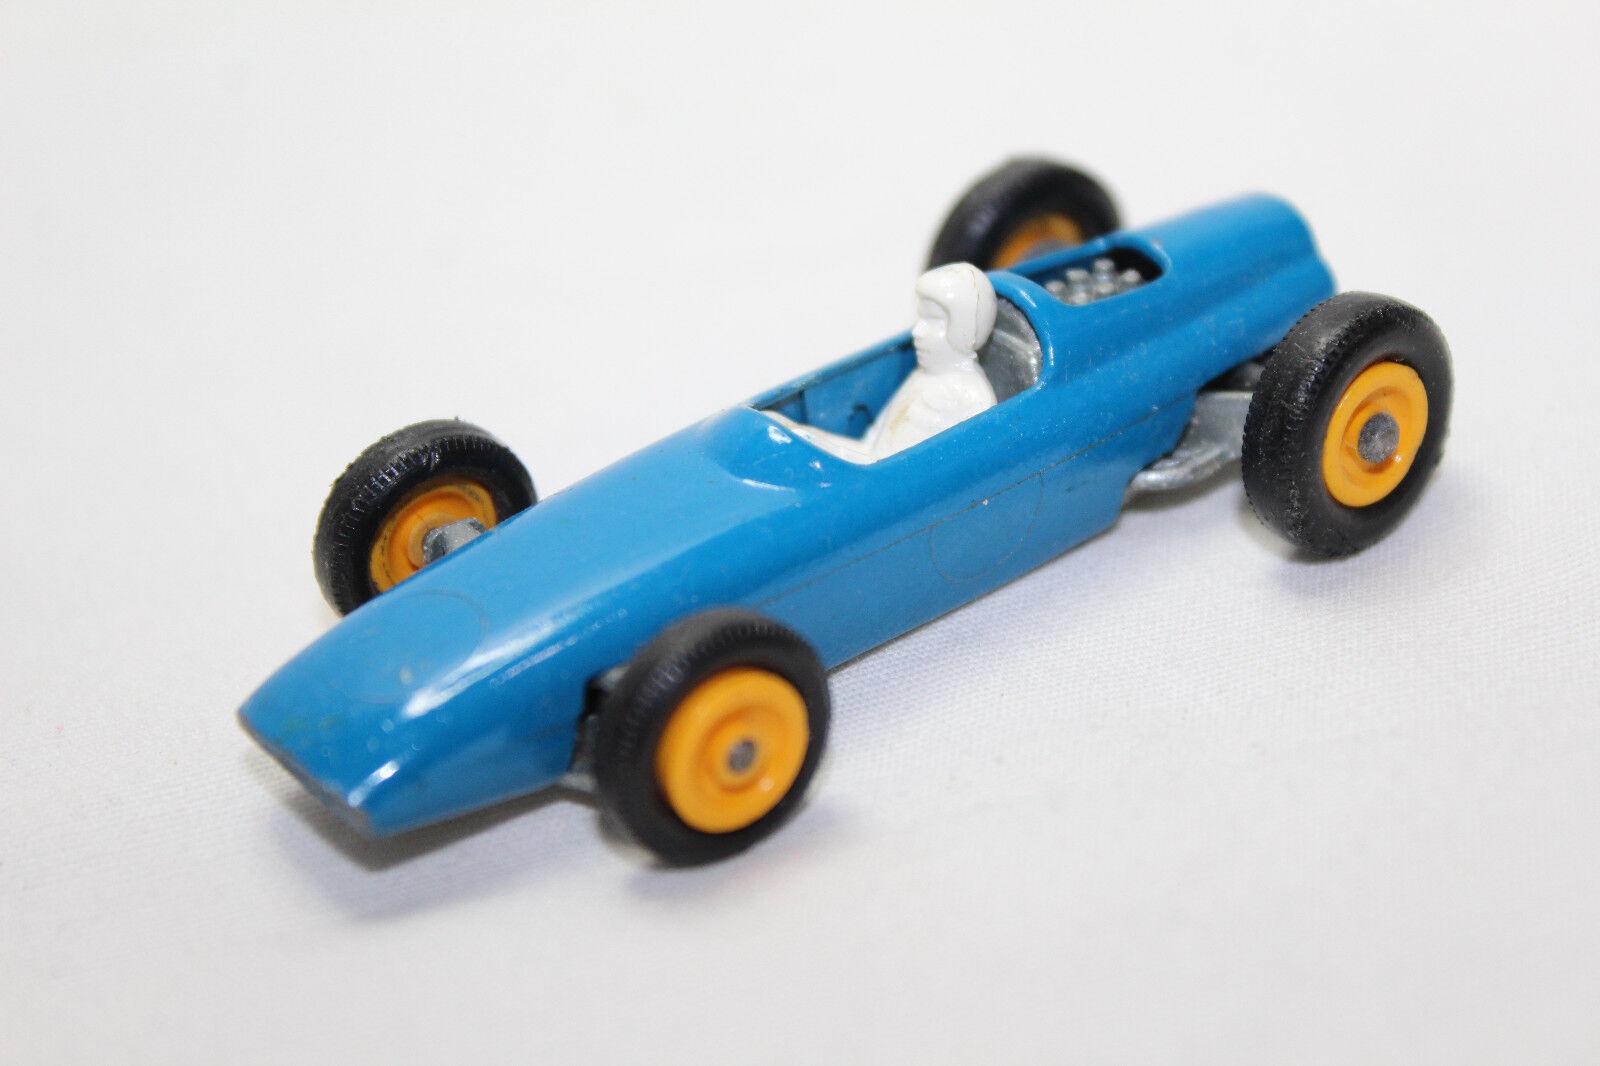 barato Matchbox Lesney 1 64 escala escala escala Brm Racing Coche  52 (azul)  ahorra 50% -75% de descuento